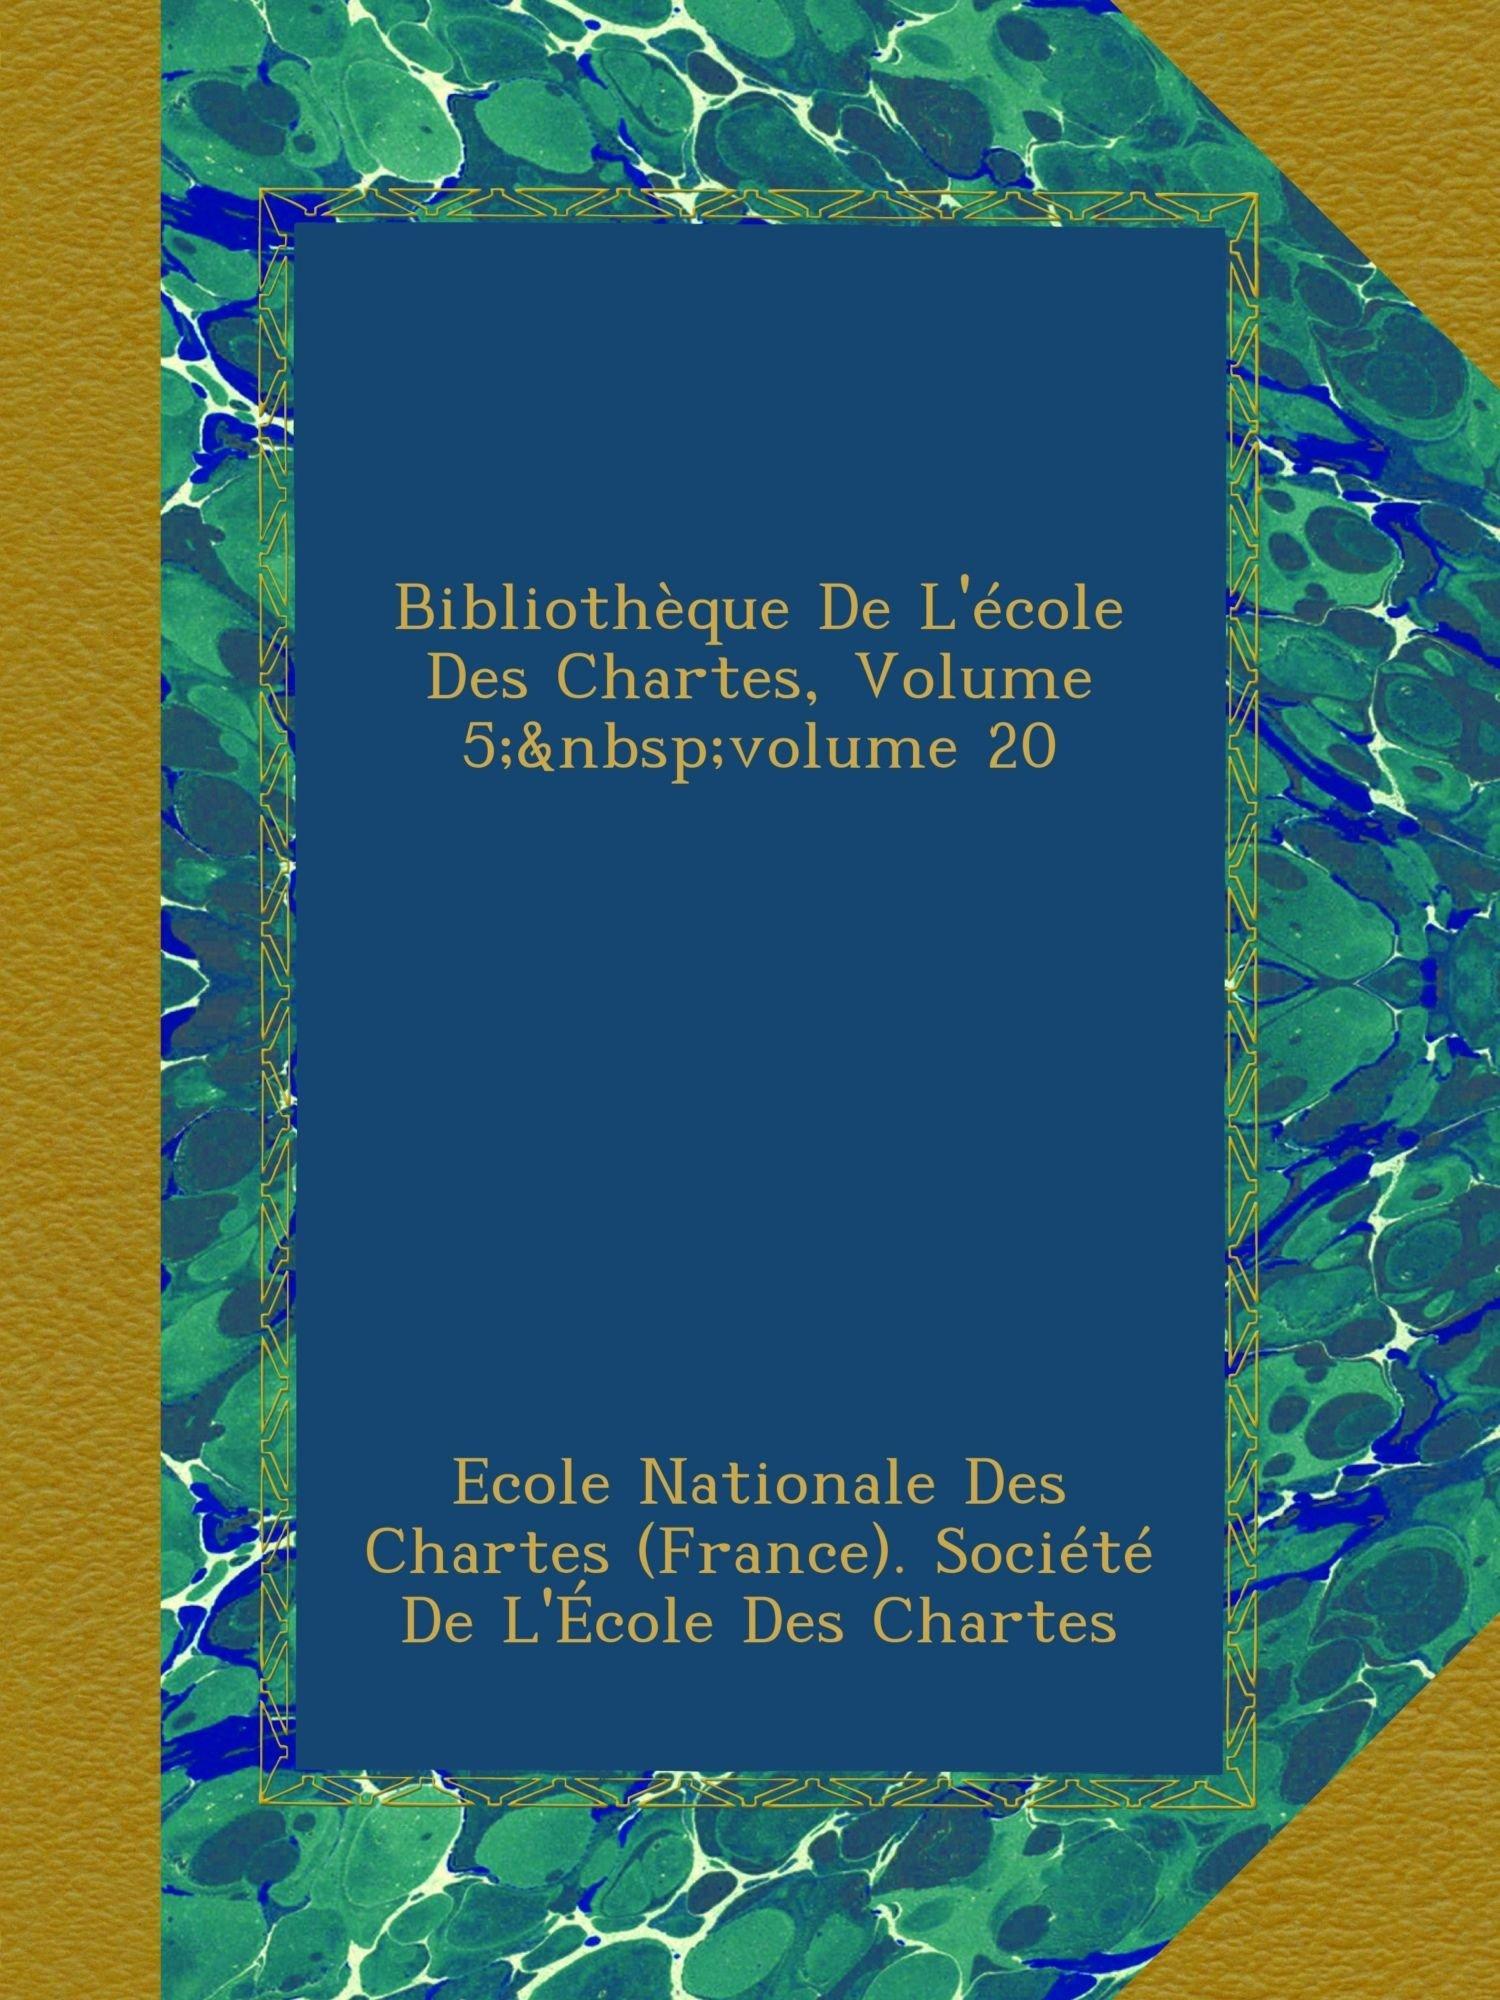 Bibliothèque De L'école Des Chartes, Volume 5; volume 20 (French Edition) ebook